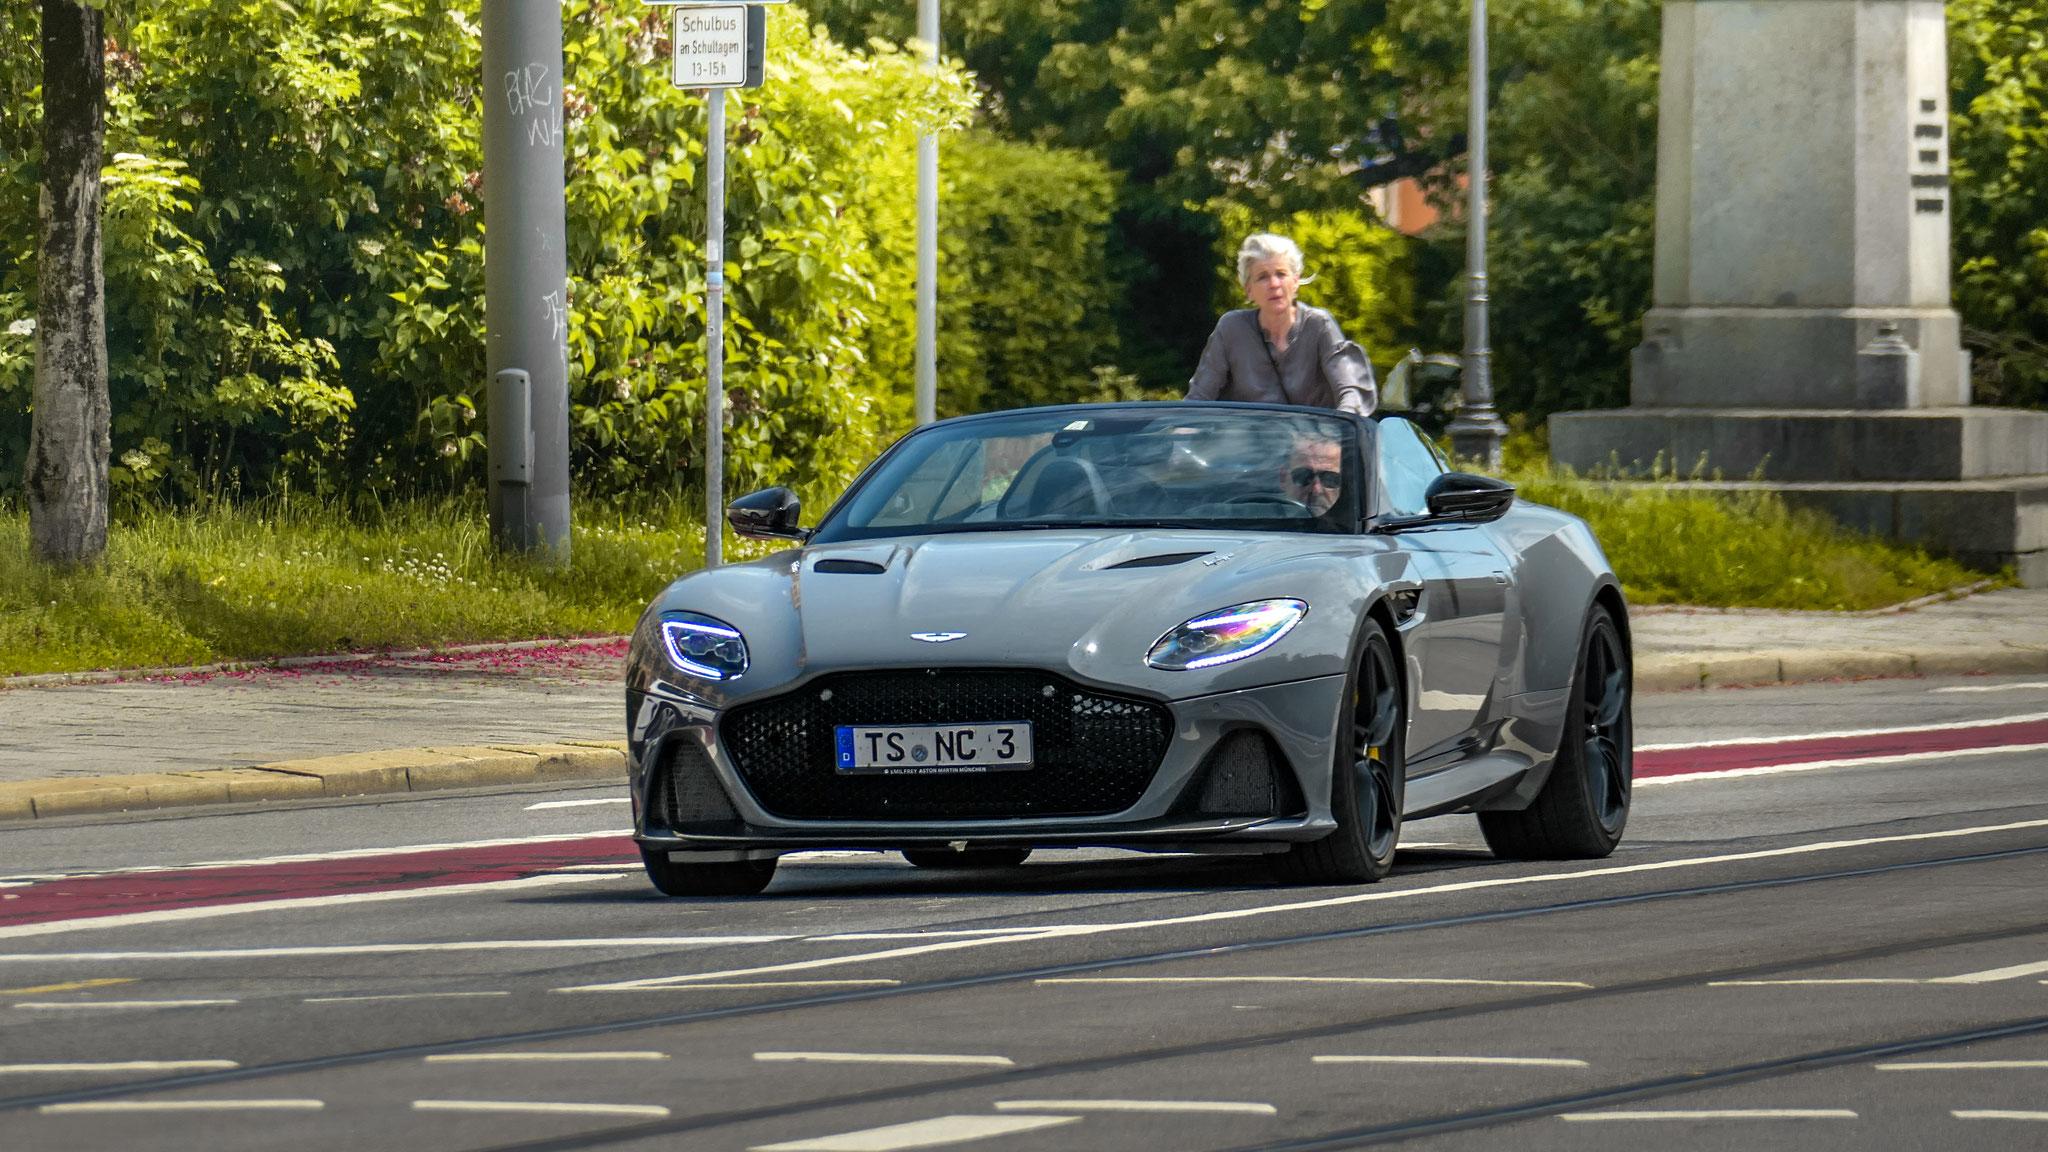 Aston Martin DBS Superleggera Volante - TS-NC-3